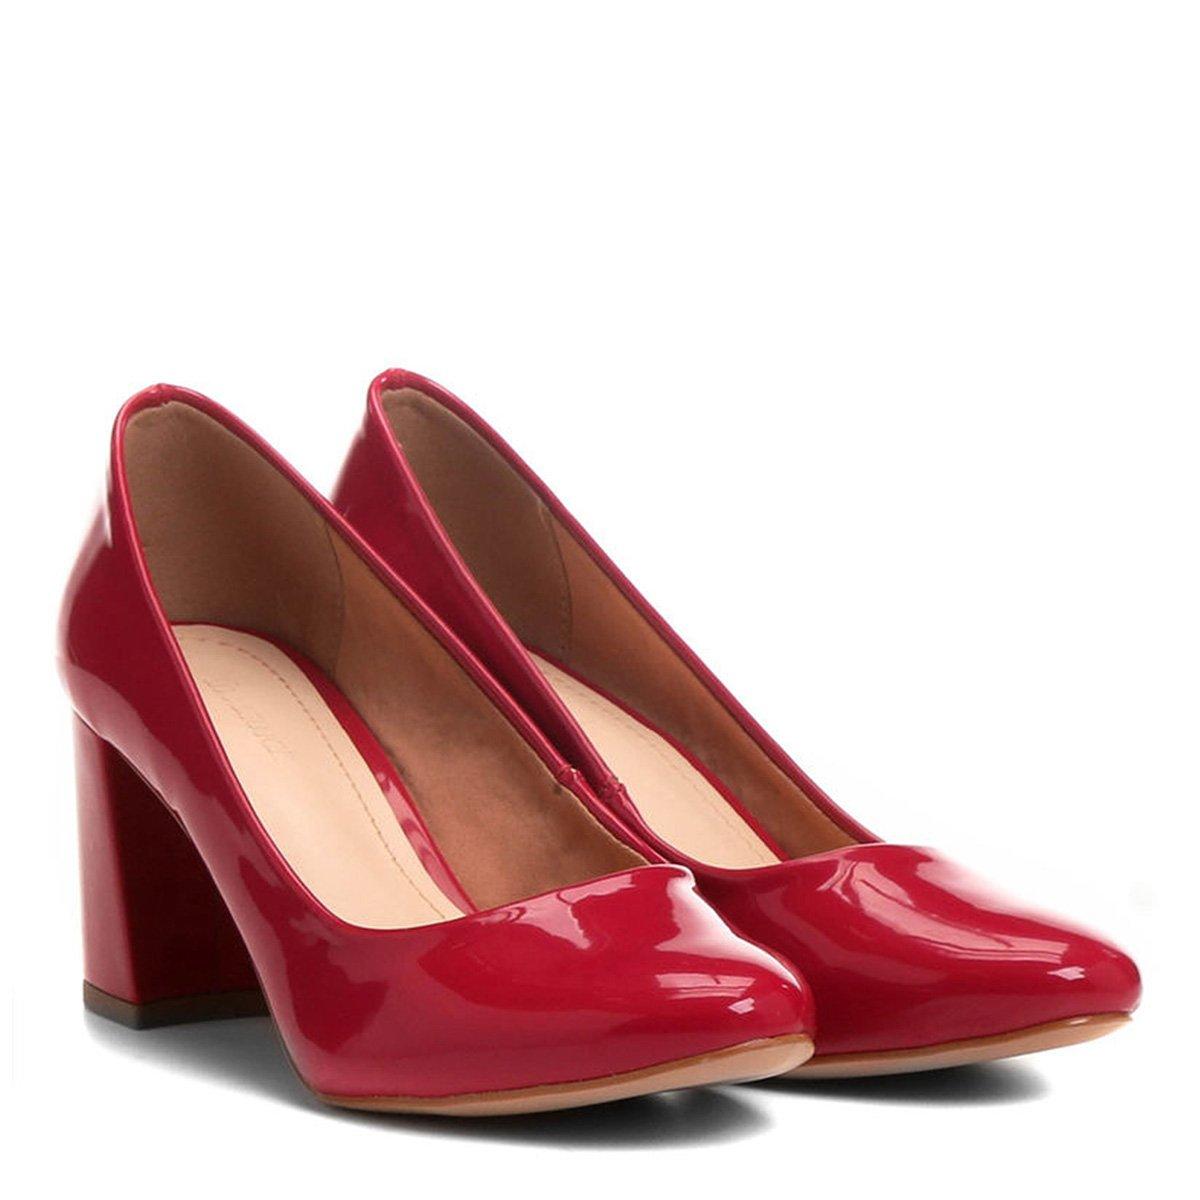 5ef5937560 ... a79b5e349 Scarpin Shoestock Salto Grosso - Compre Agora ...